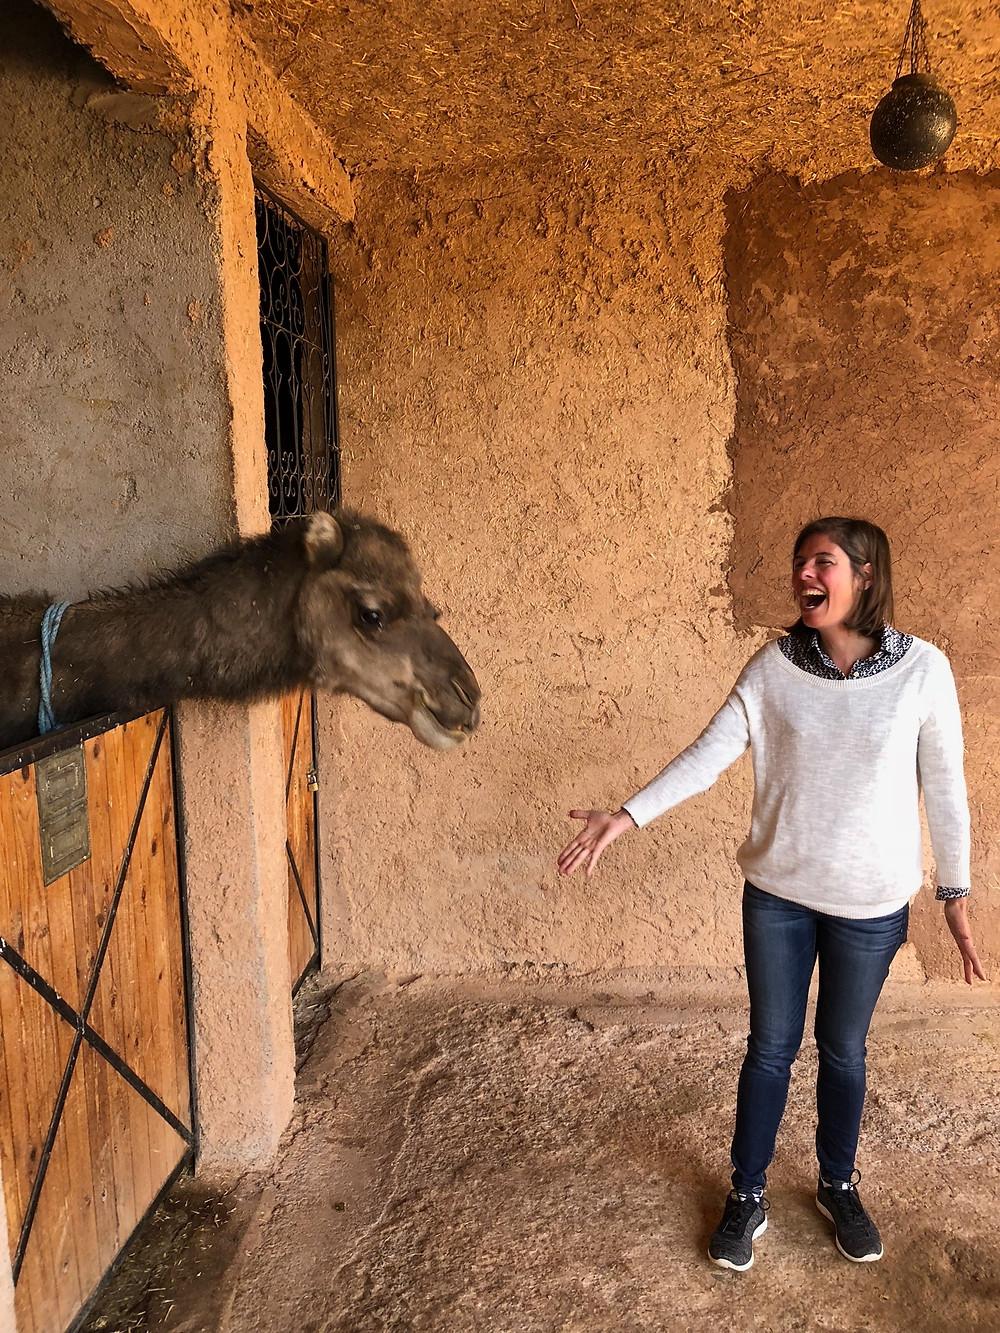 Pickle the Camel at Kasbah Tamadot